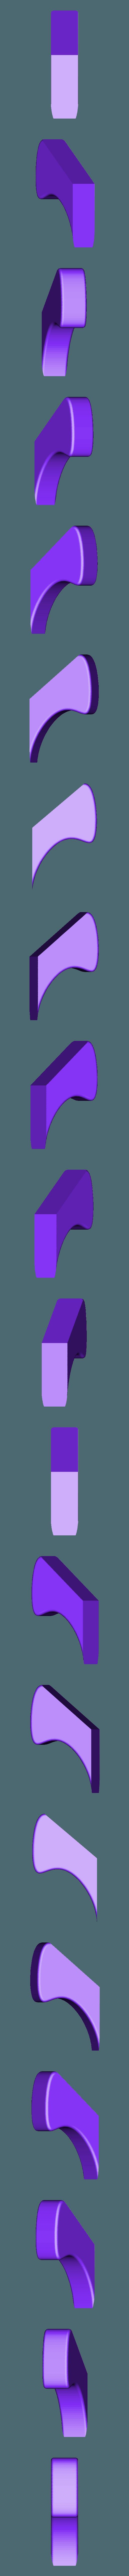 Trigger.stl Télécharger fichier STL gratuit Mario + Lapins Crétins - Plumer's Helper Boomshot • Modèle pour impression 3D, Dsk